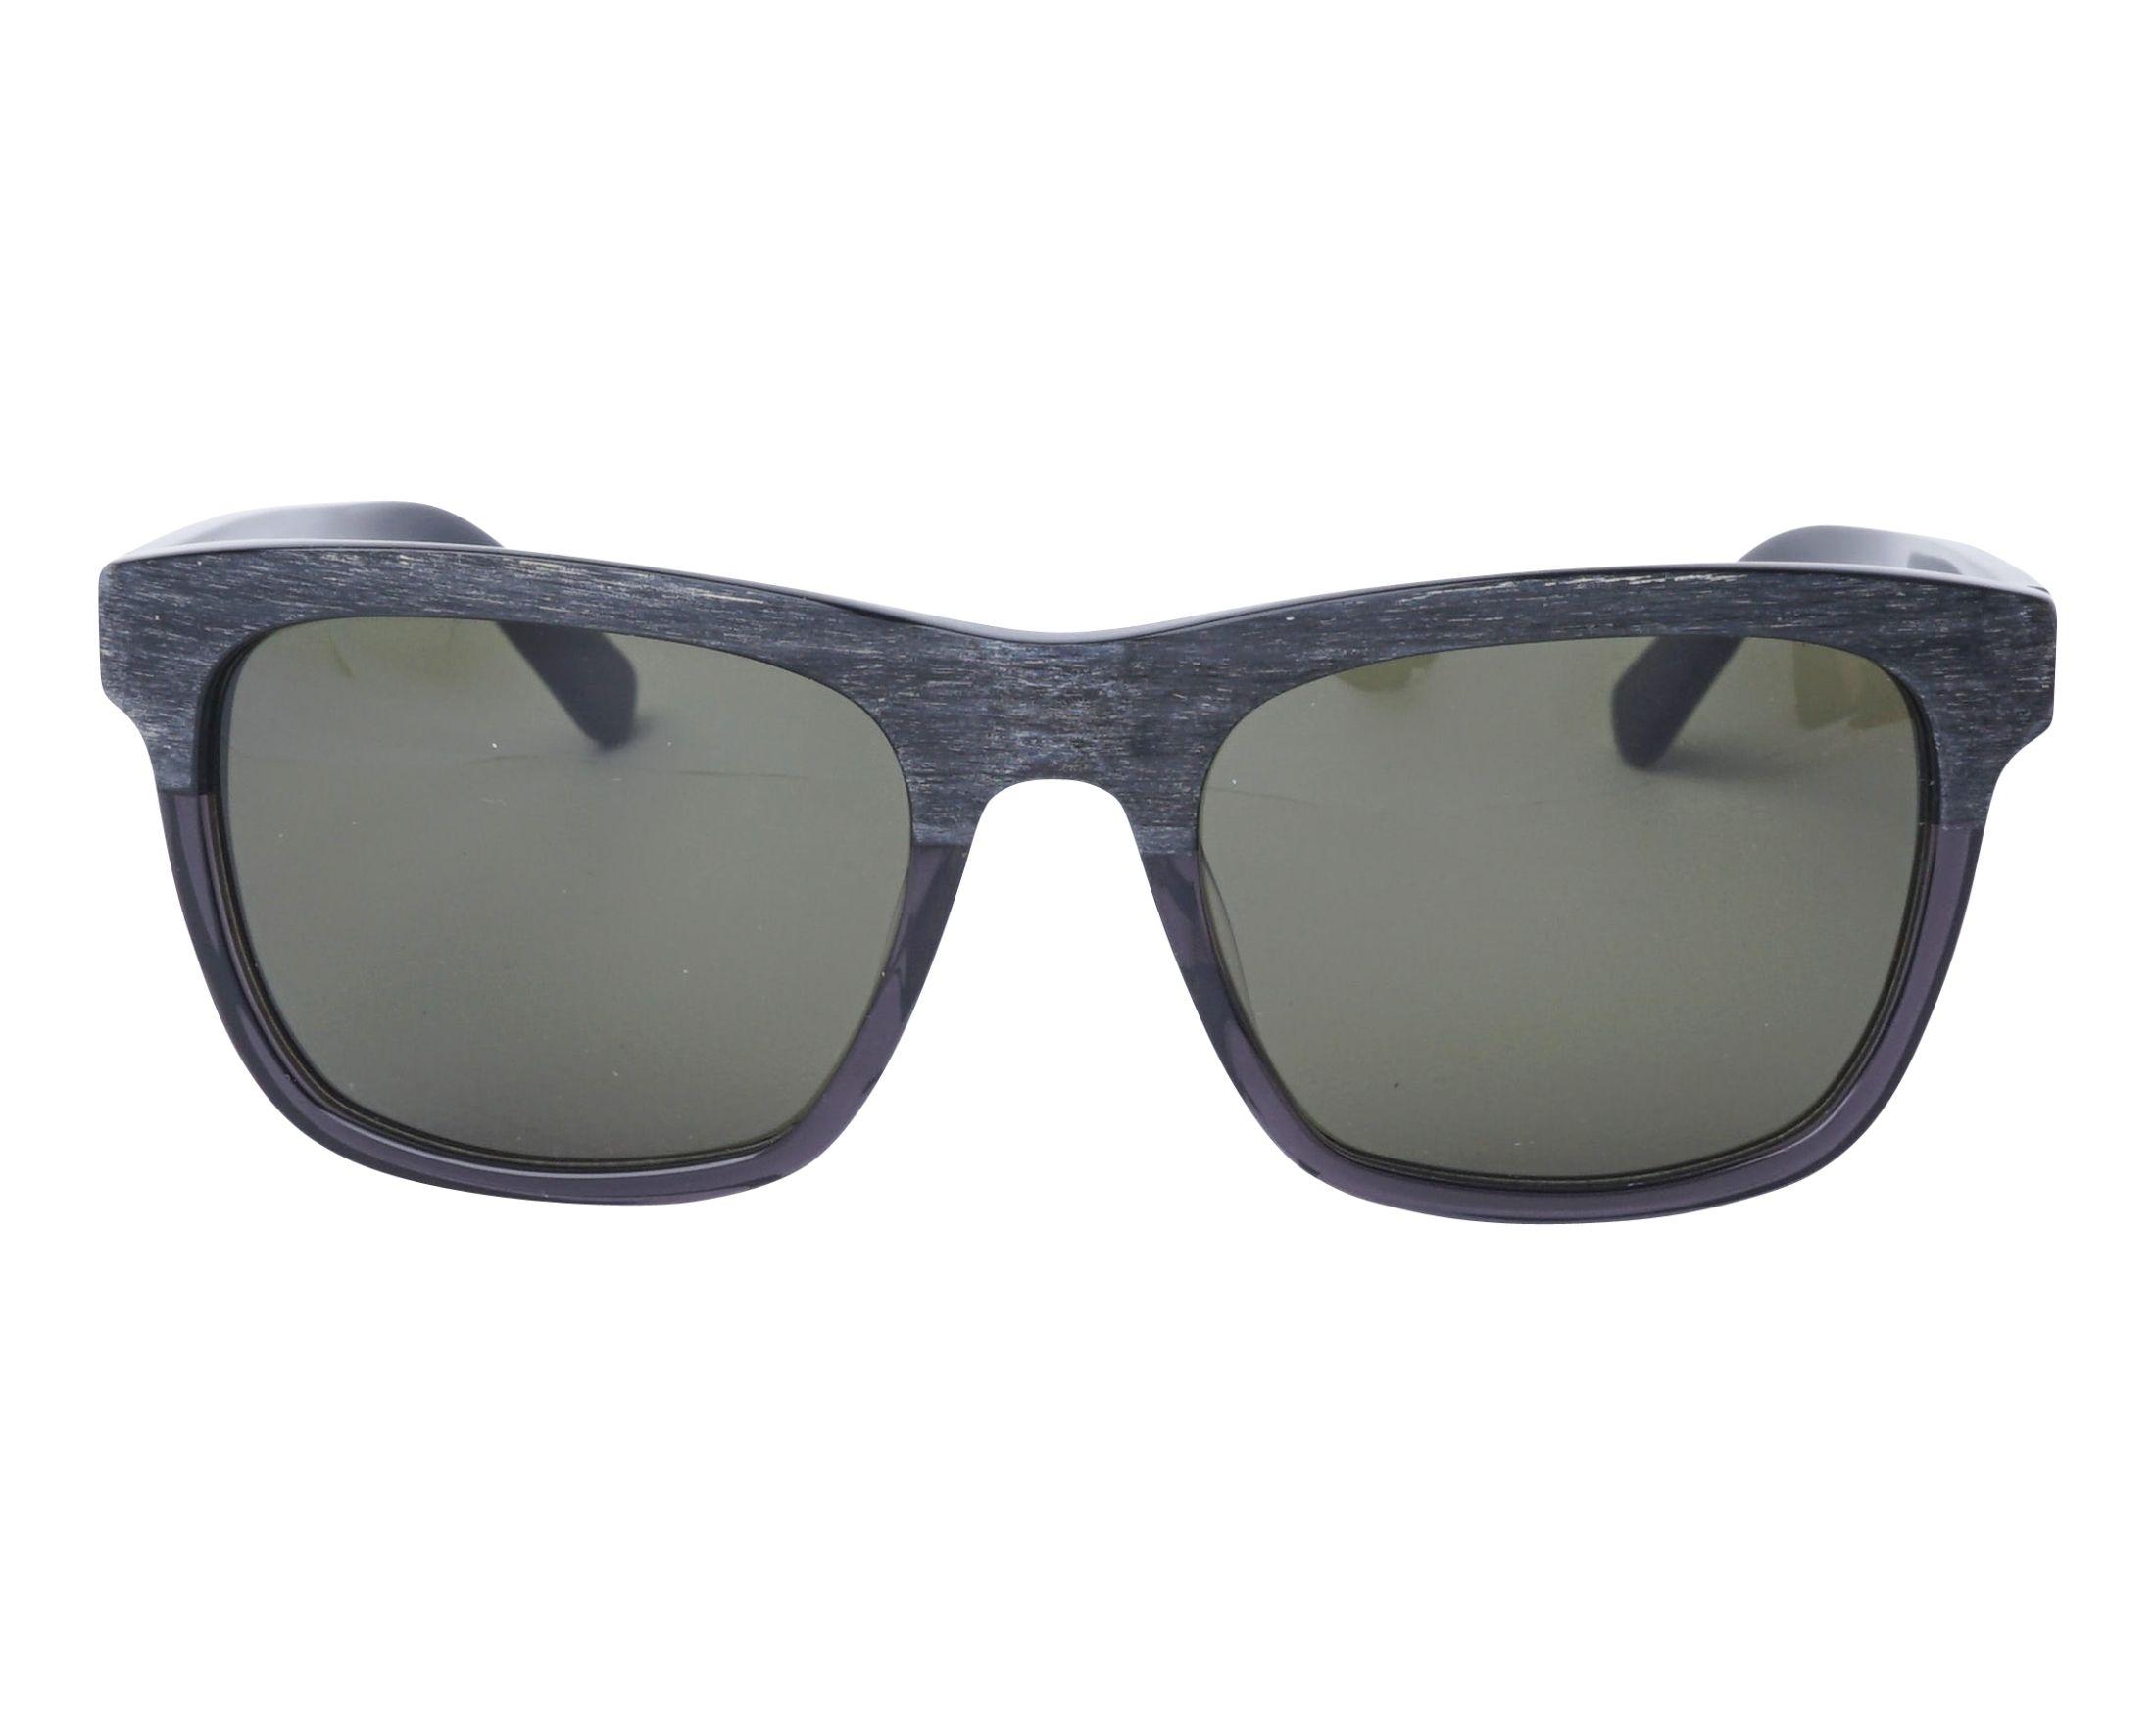 lunettes de soleil calvin klein ck 7961 s 014 noir avec des verres vert. Black Bedroom Furniture Sets. Home Design Ideas